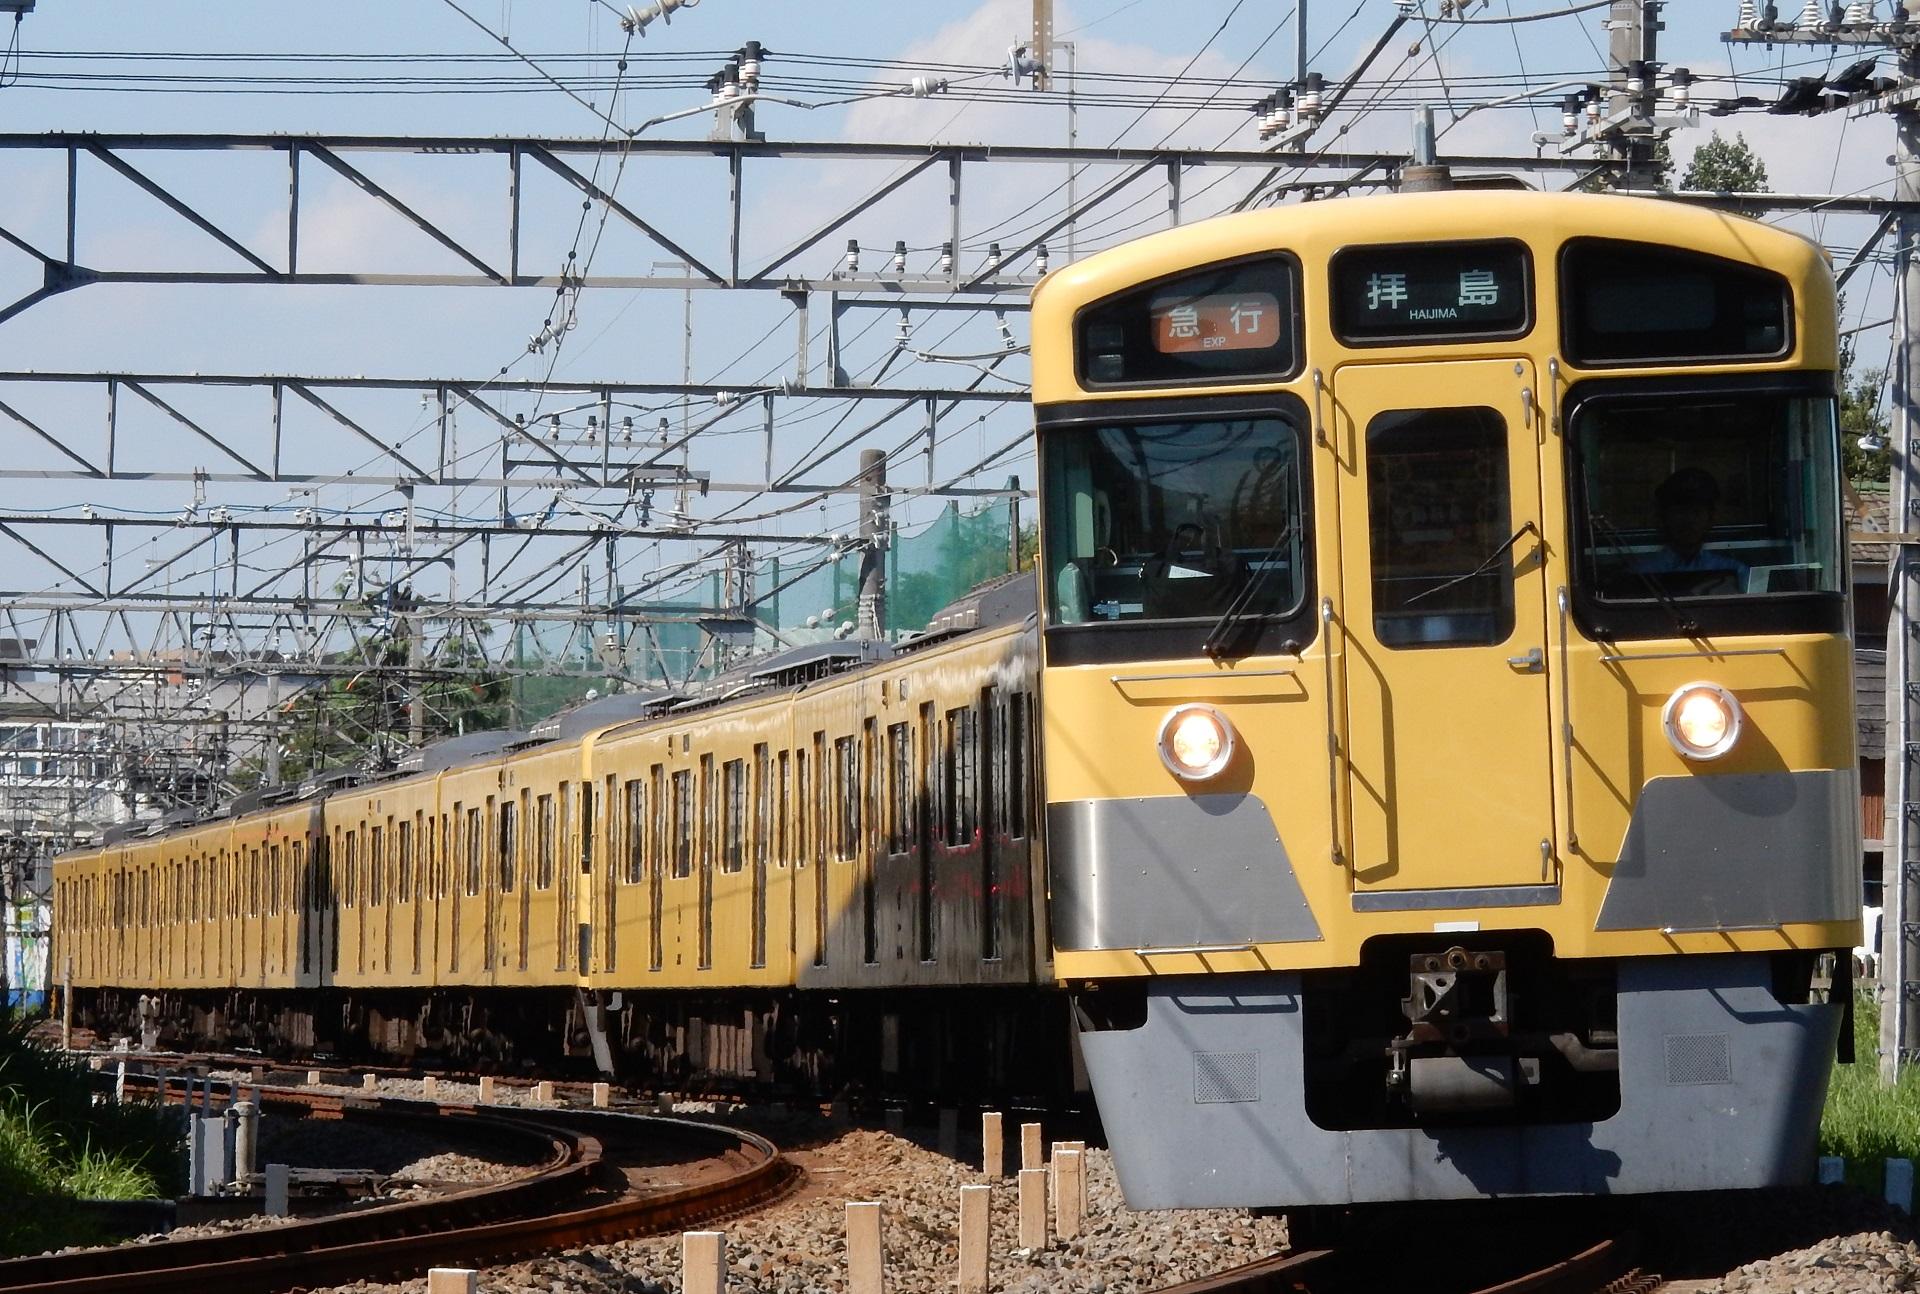 DSCN4175 - コピー